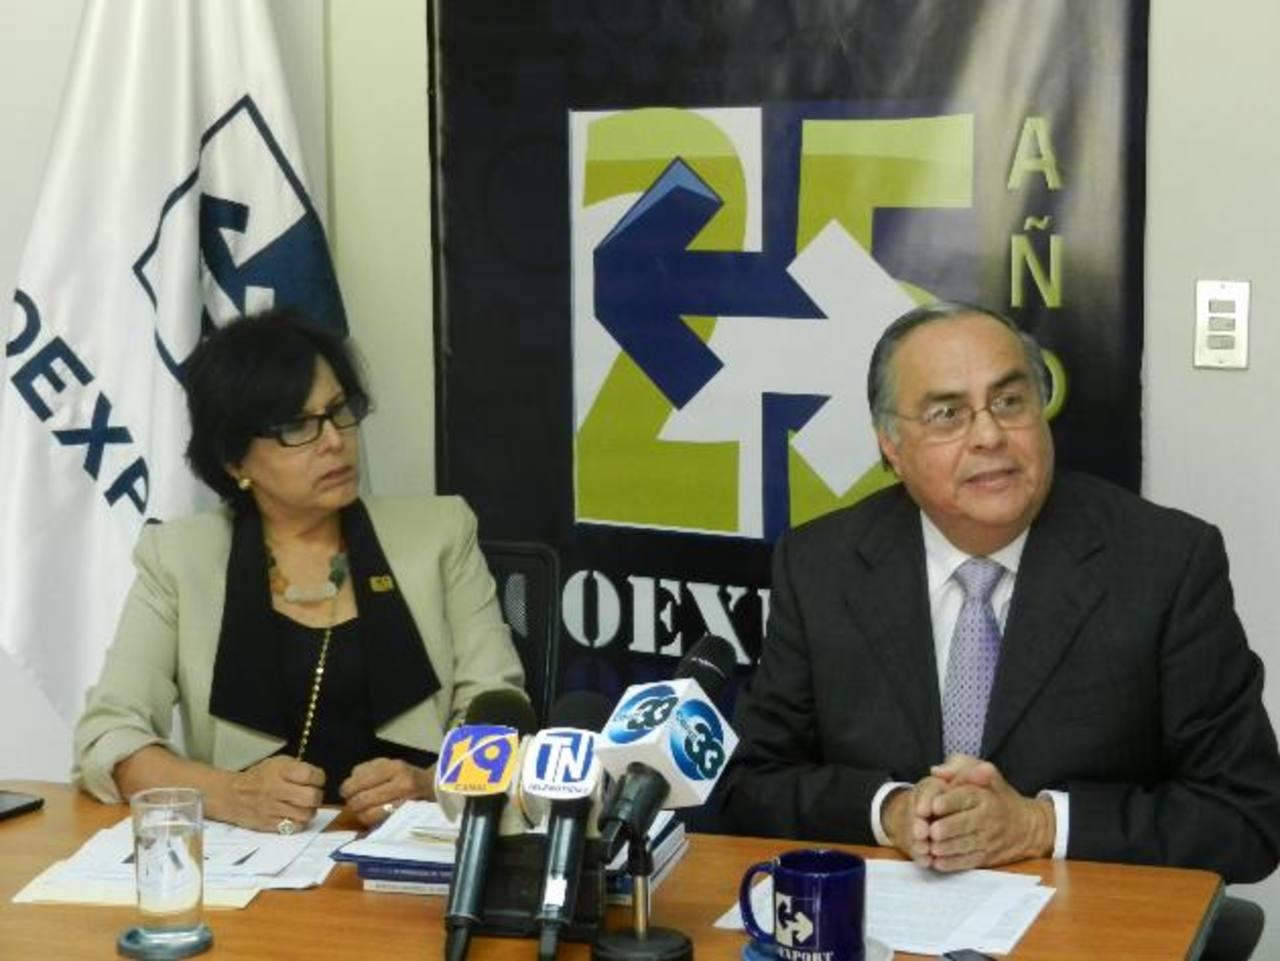 Silvia Cuéllar y Pablo Durán, directora ejecutiva y presidente de Coexport, respectivamente, hablaron de los retos que han enfrentado los exportadores. foto edh /Cortesía